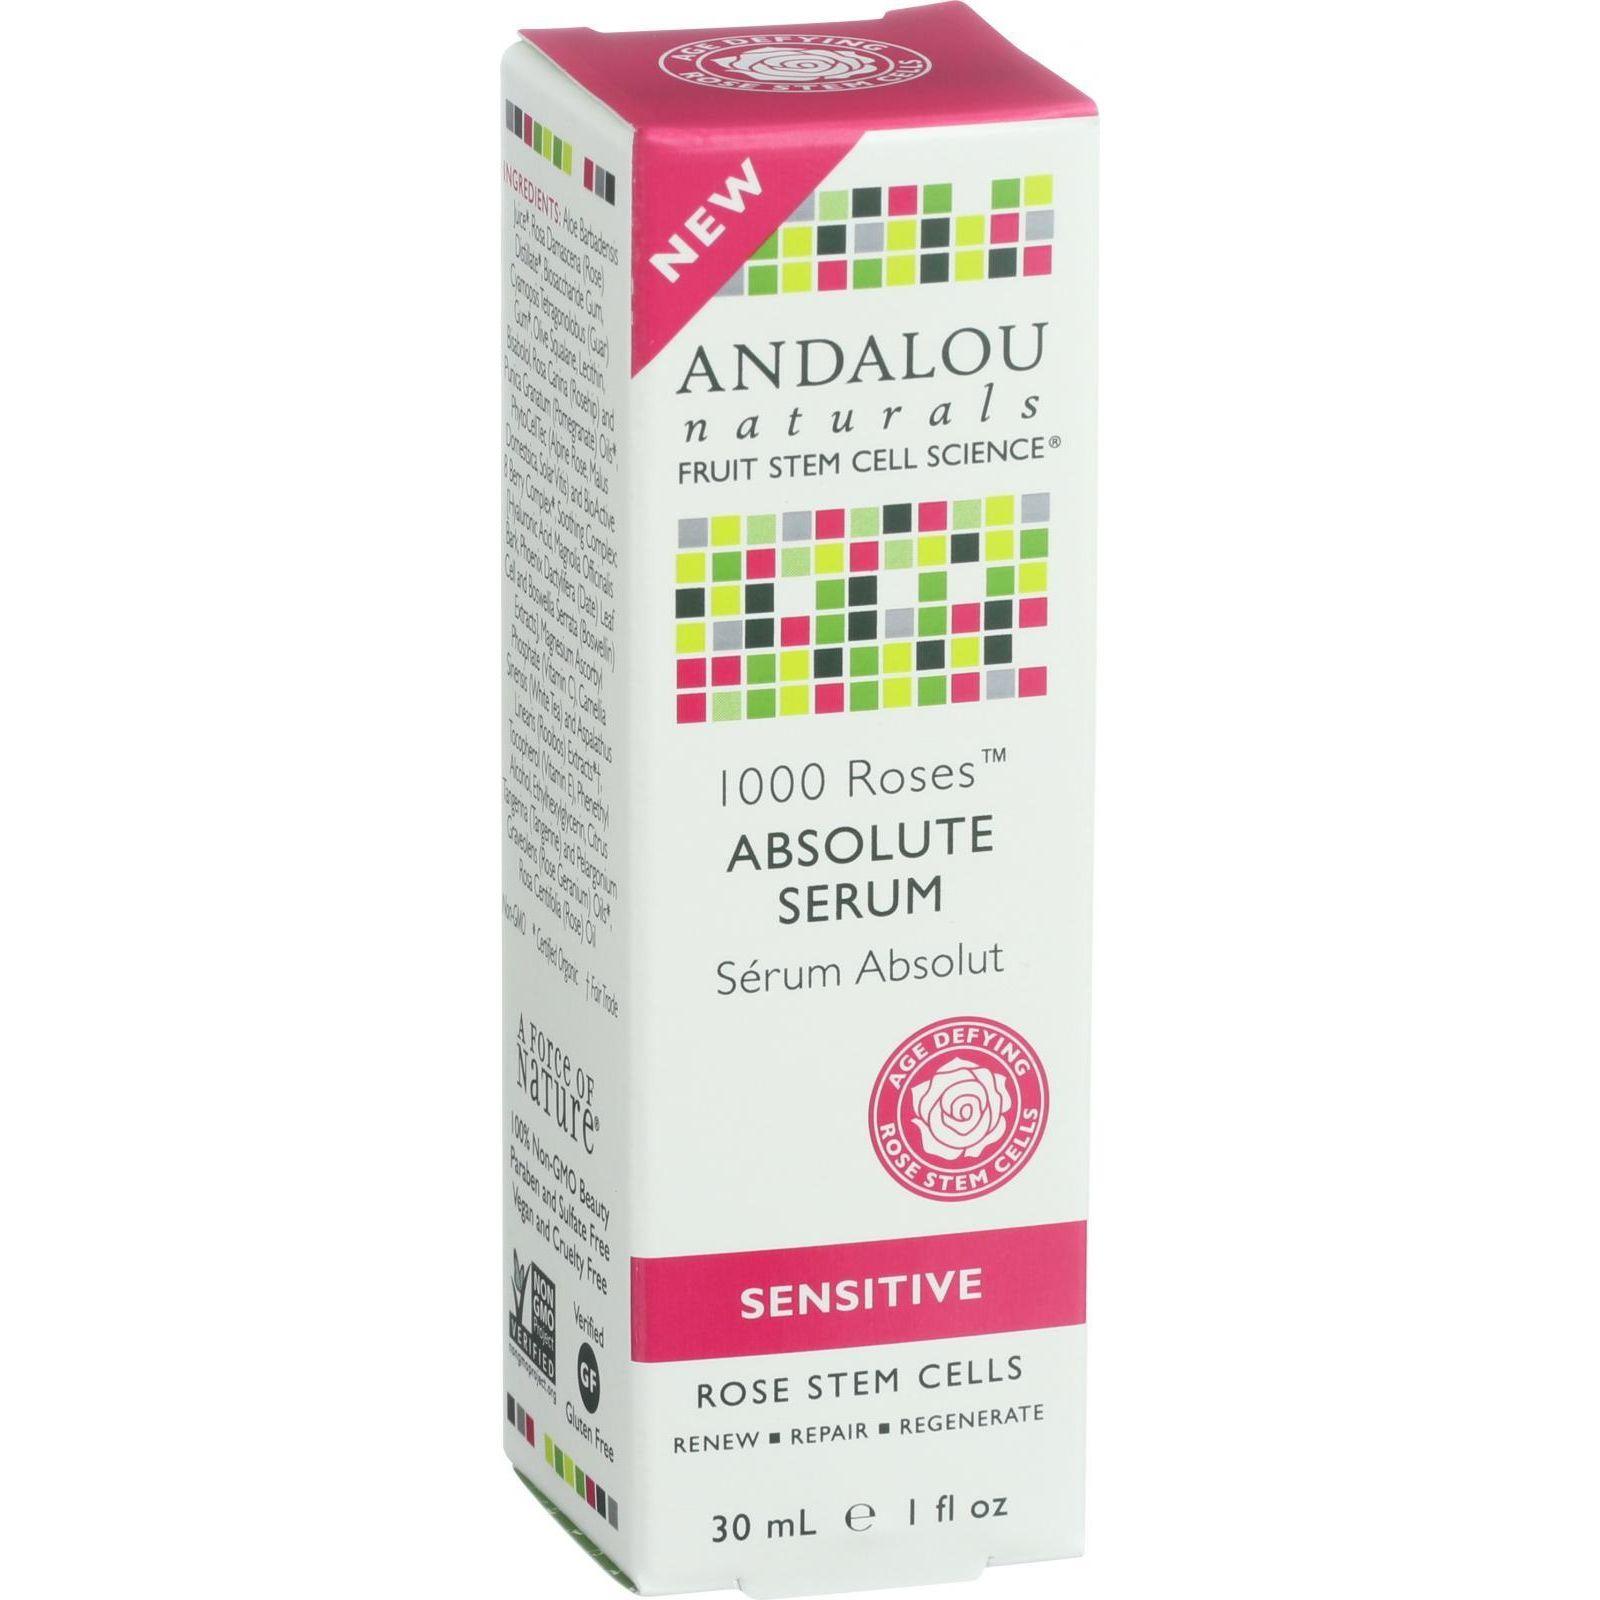 Andalou Naturals Absolute Serum  1000 Roses  1 oz